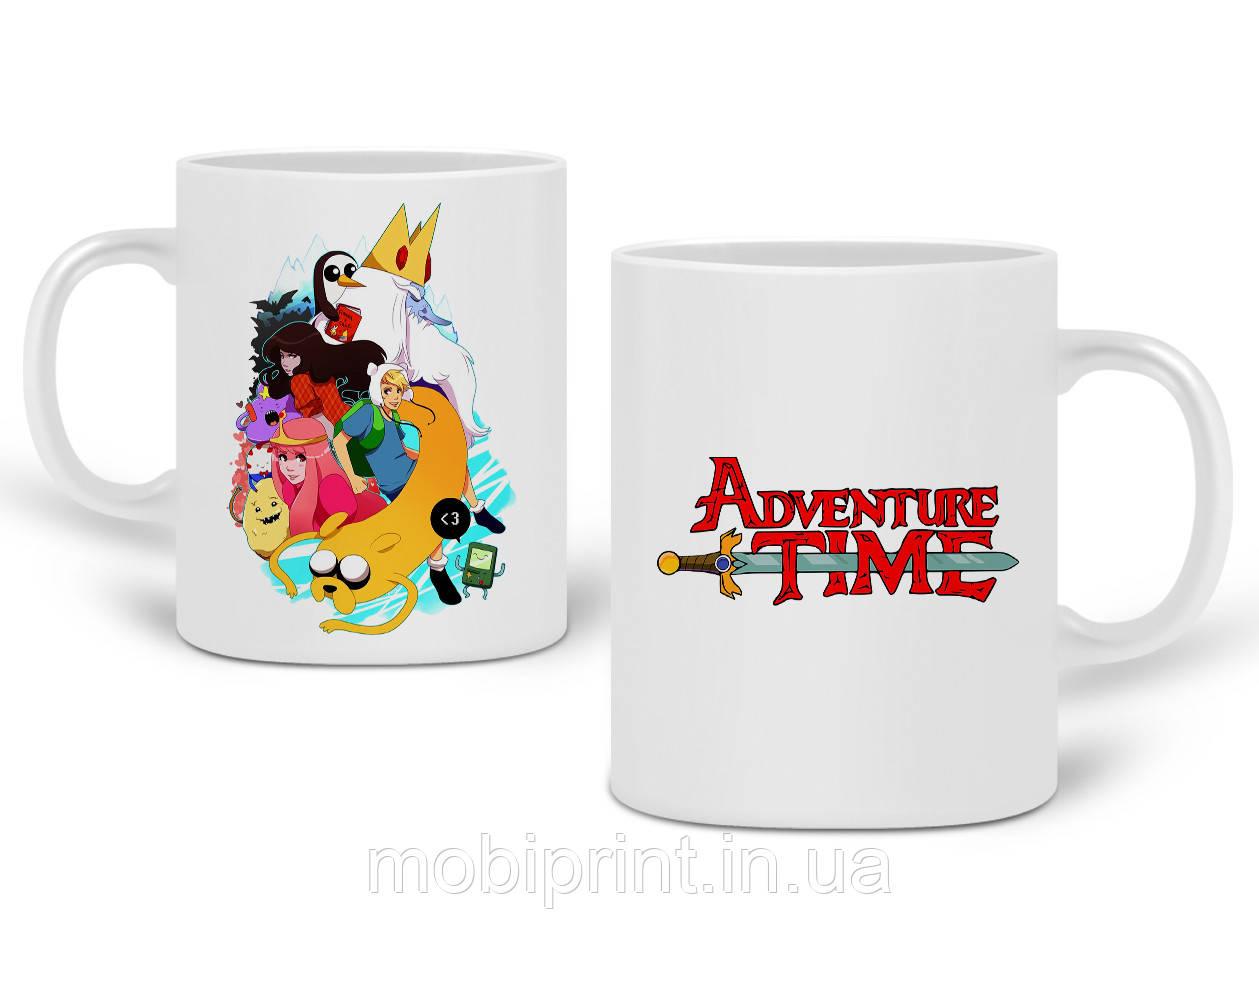 Кружка Время приключений (Adventure Time) 330 мл Чашка Керамическая (20259-1582)